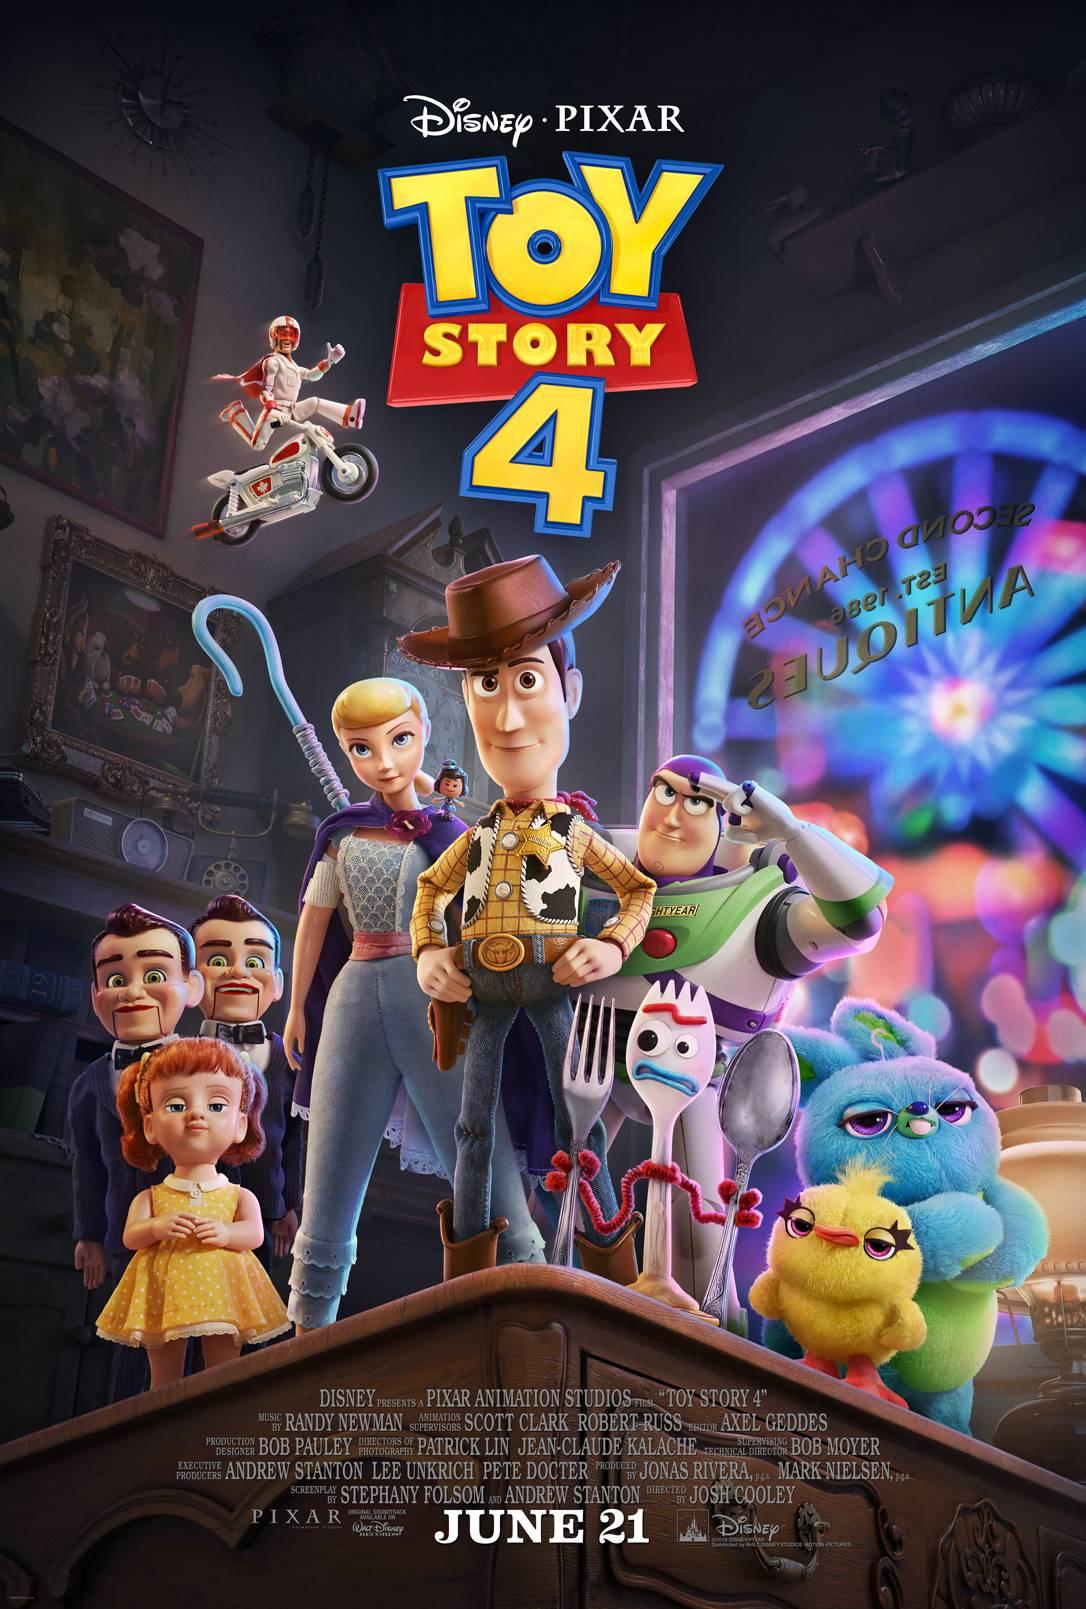 Preventas apuntan que Toy Story 4 romperá récords de taquilla, según expertos